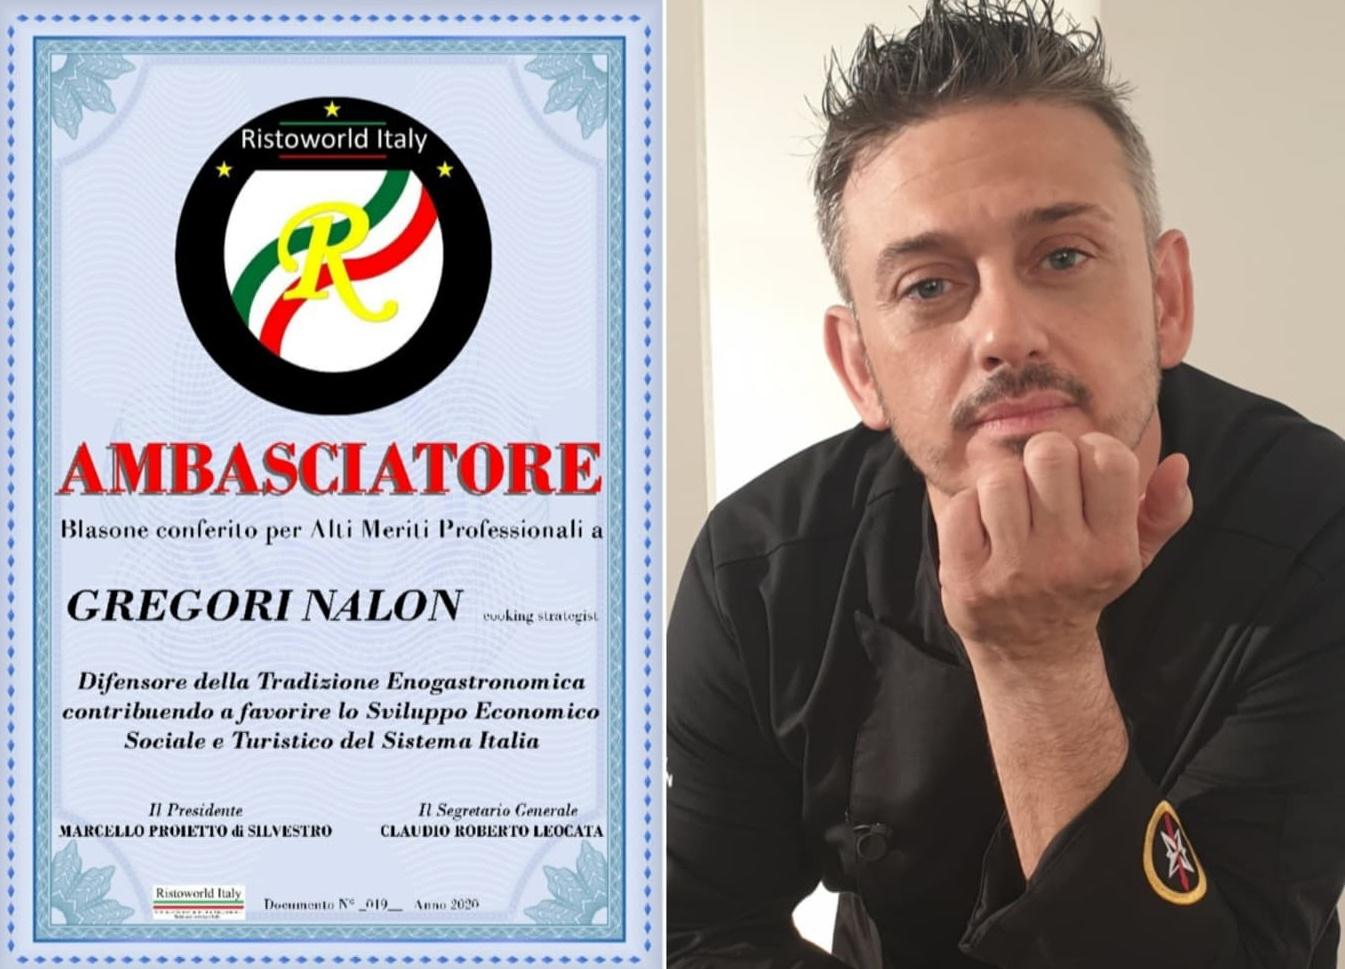 Photo of Chef Gregori Nalon Ambasciatore di Ristoworld Italy